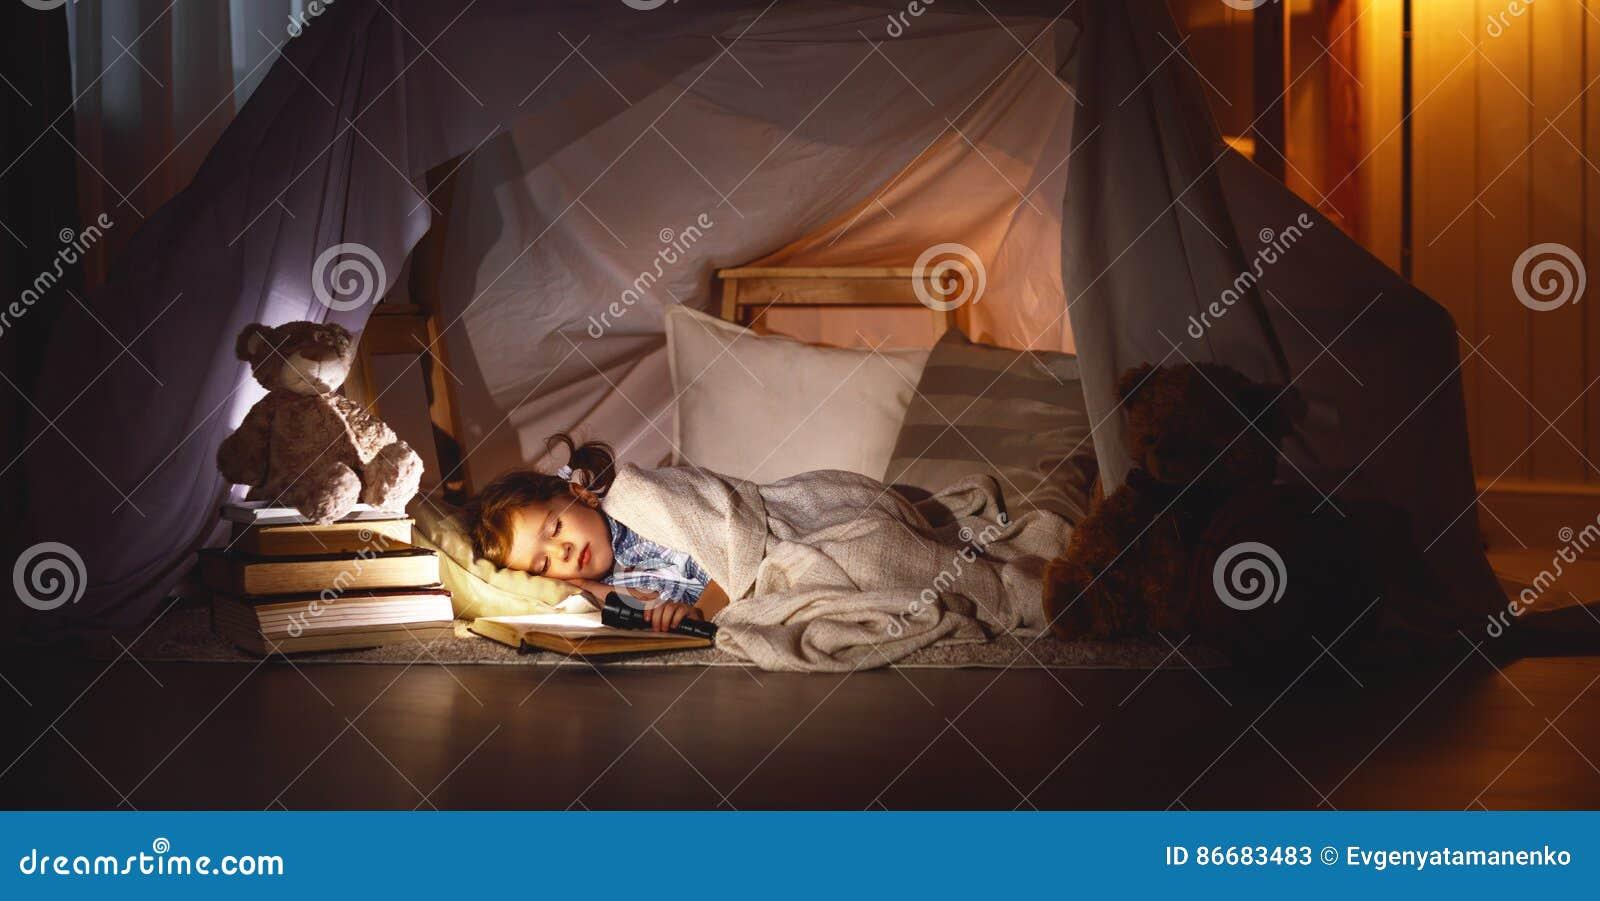 De slaap van het kindmeisje in tent met boek en flitslicht